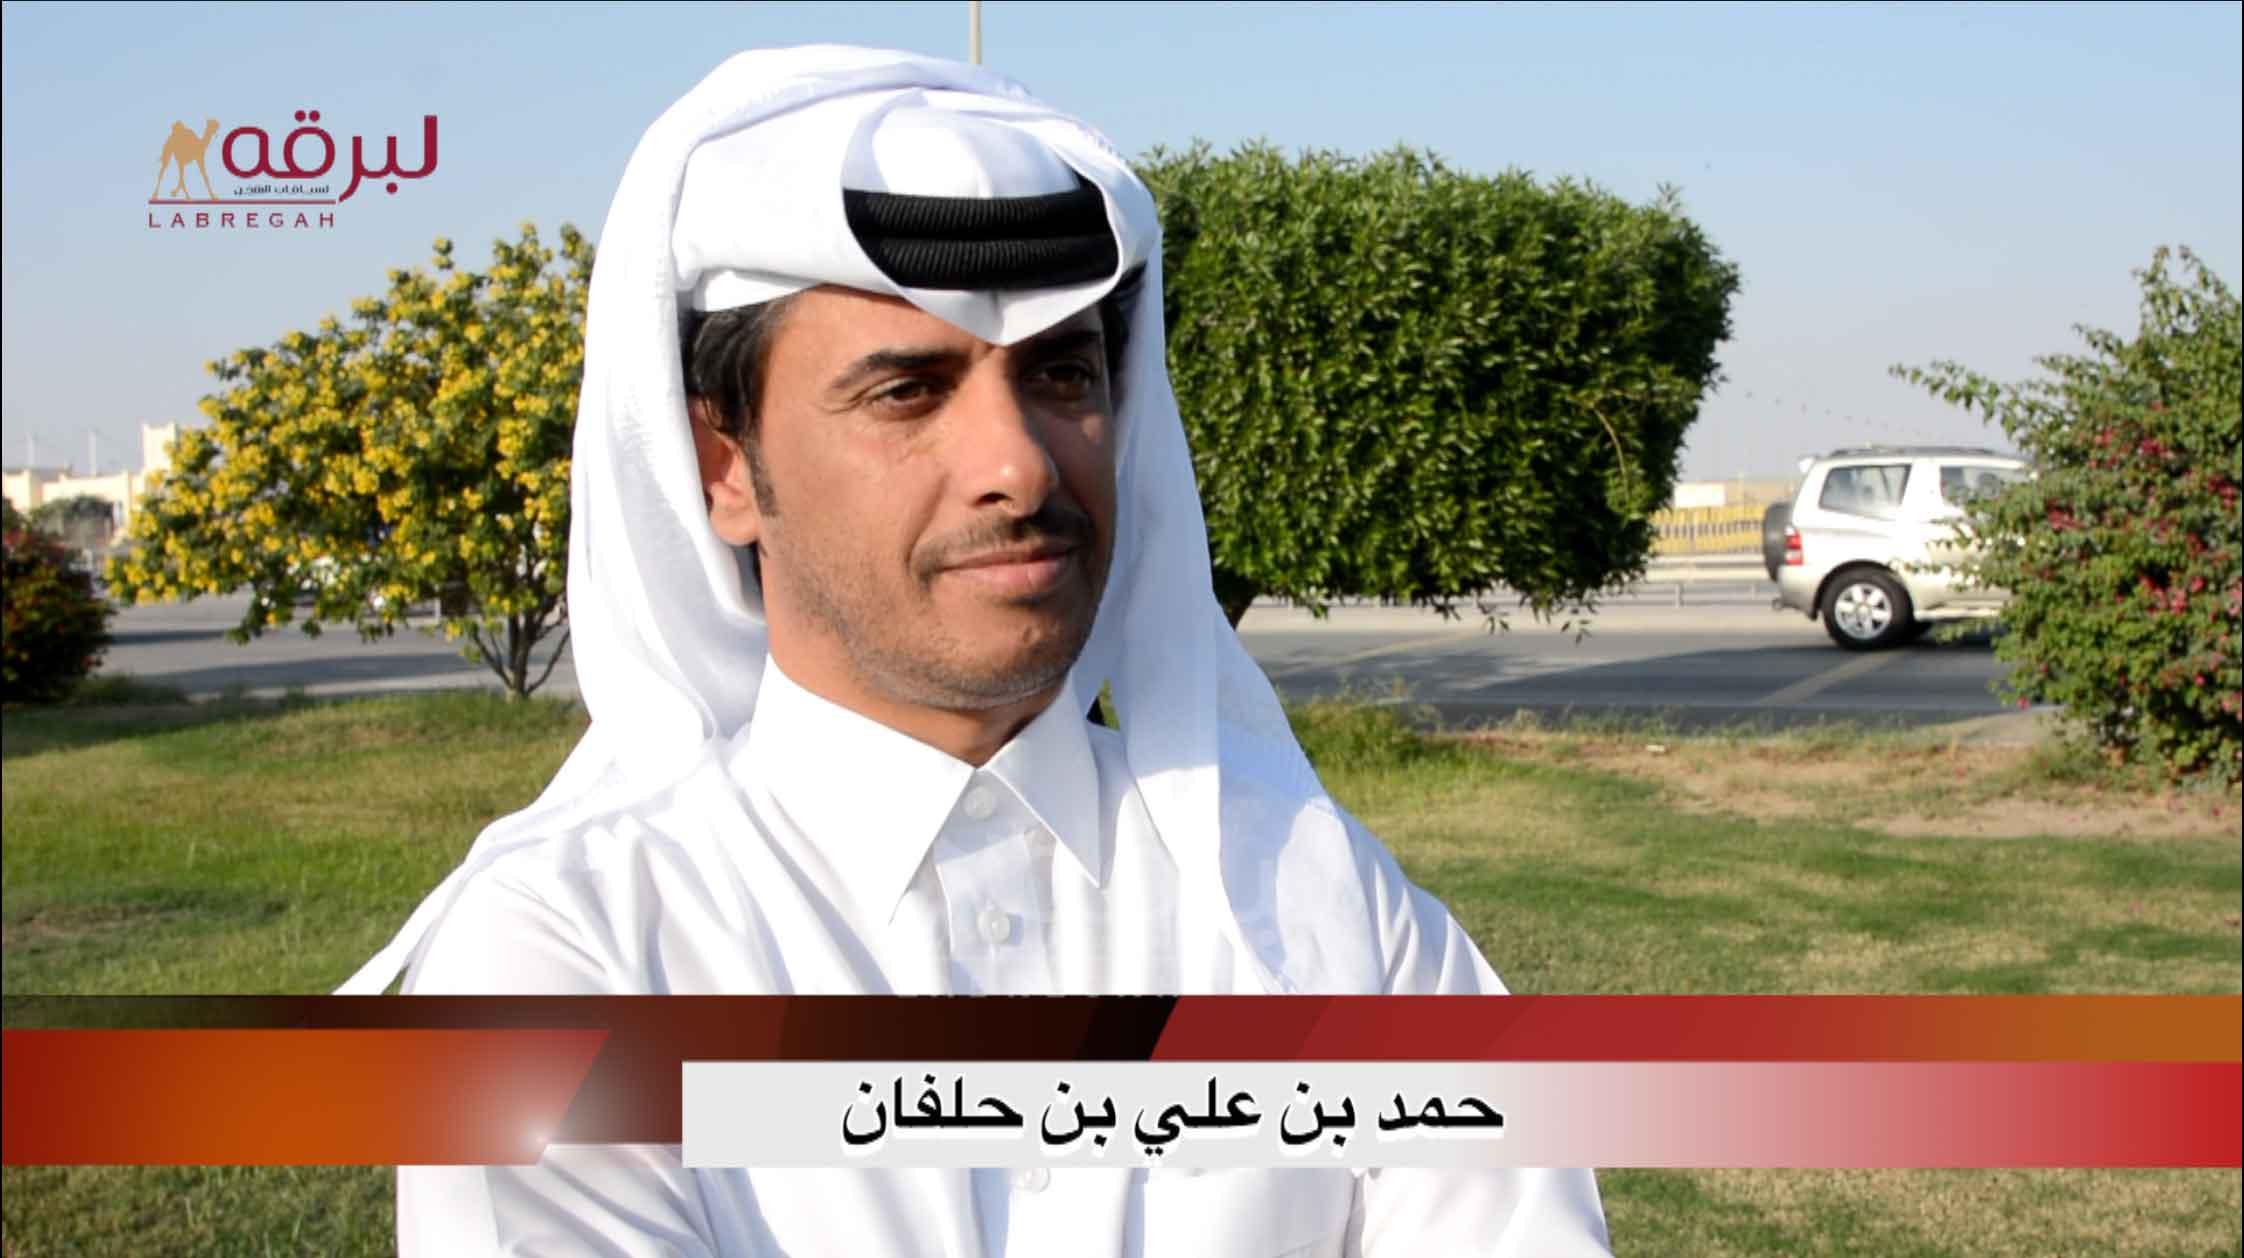 لقاء مع حمد بن علي بن حلفان.. الشلفة الذهبية جذاع بكار « عمانيات » الأشواط المفتوحة ٣-١٢-٢٠٢٠